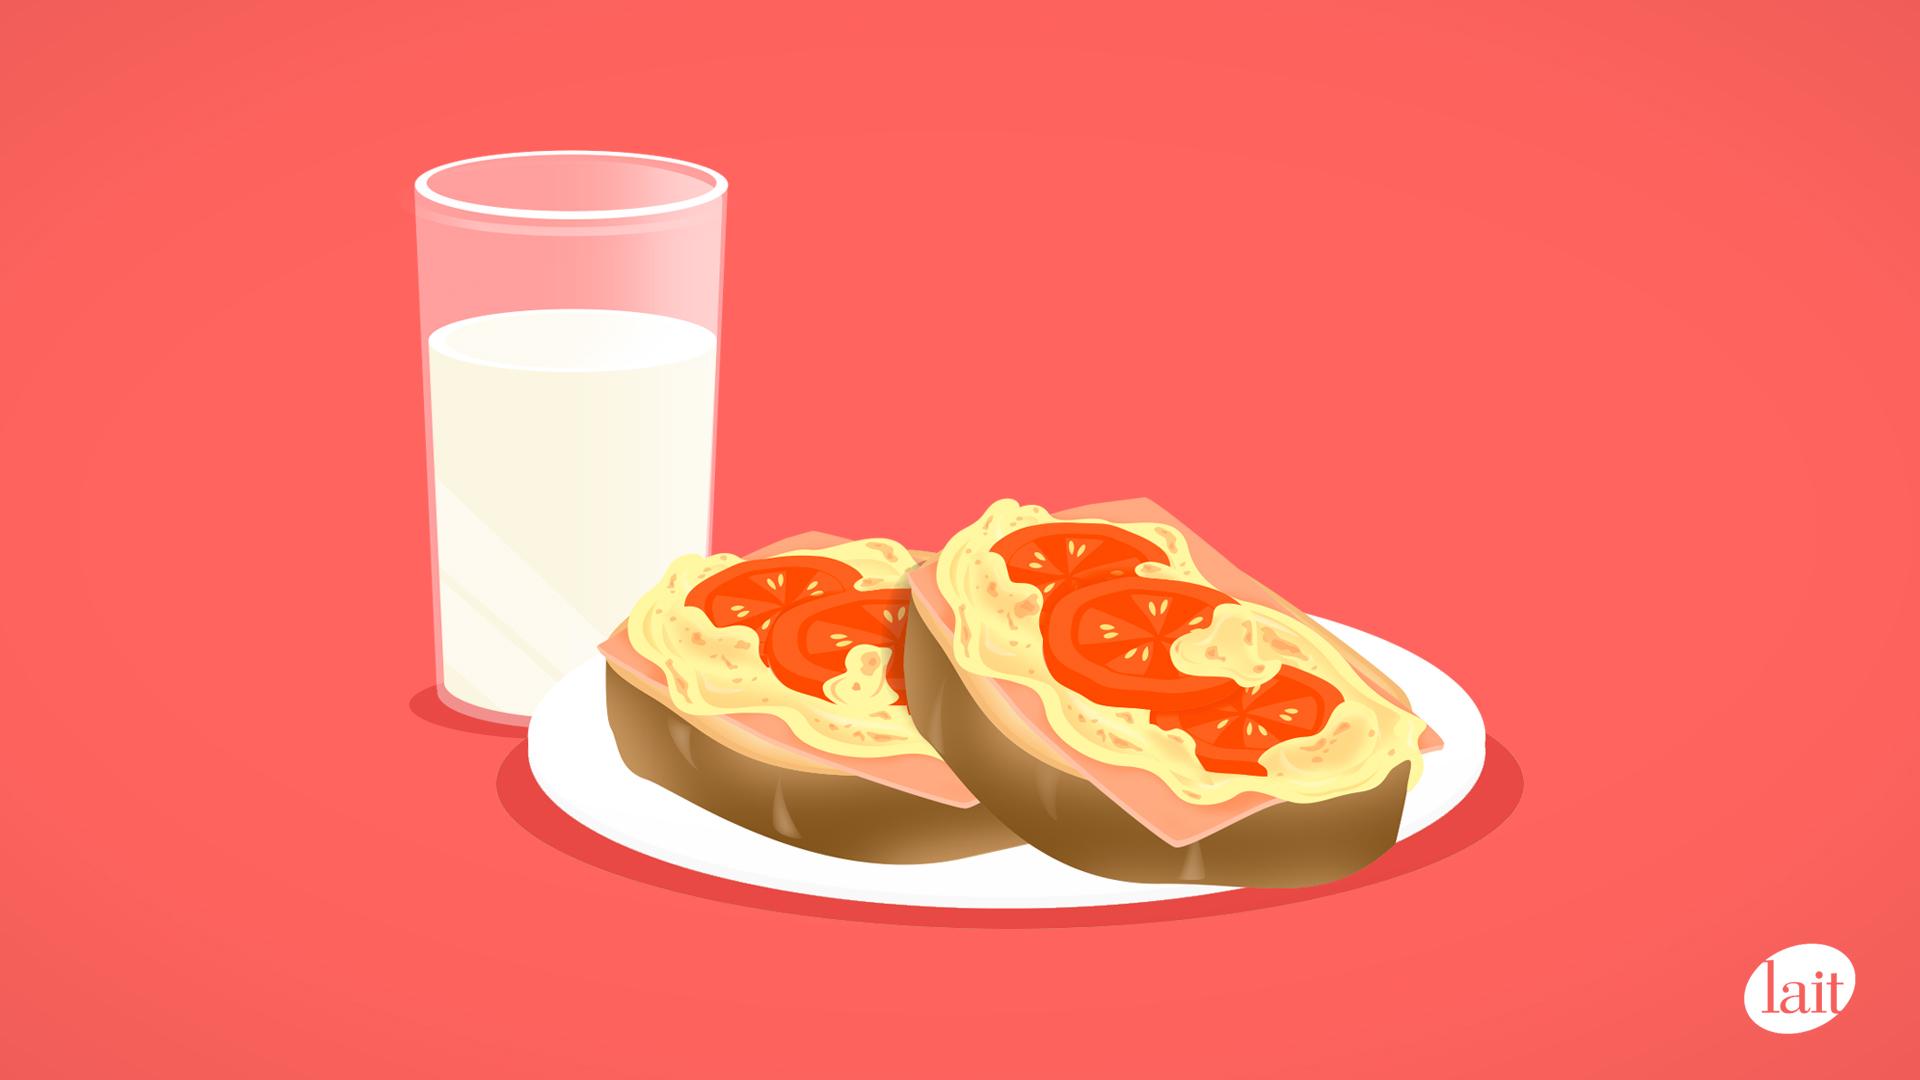 lait-5.jpg